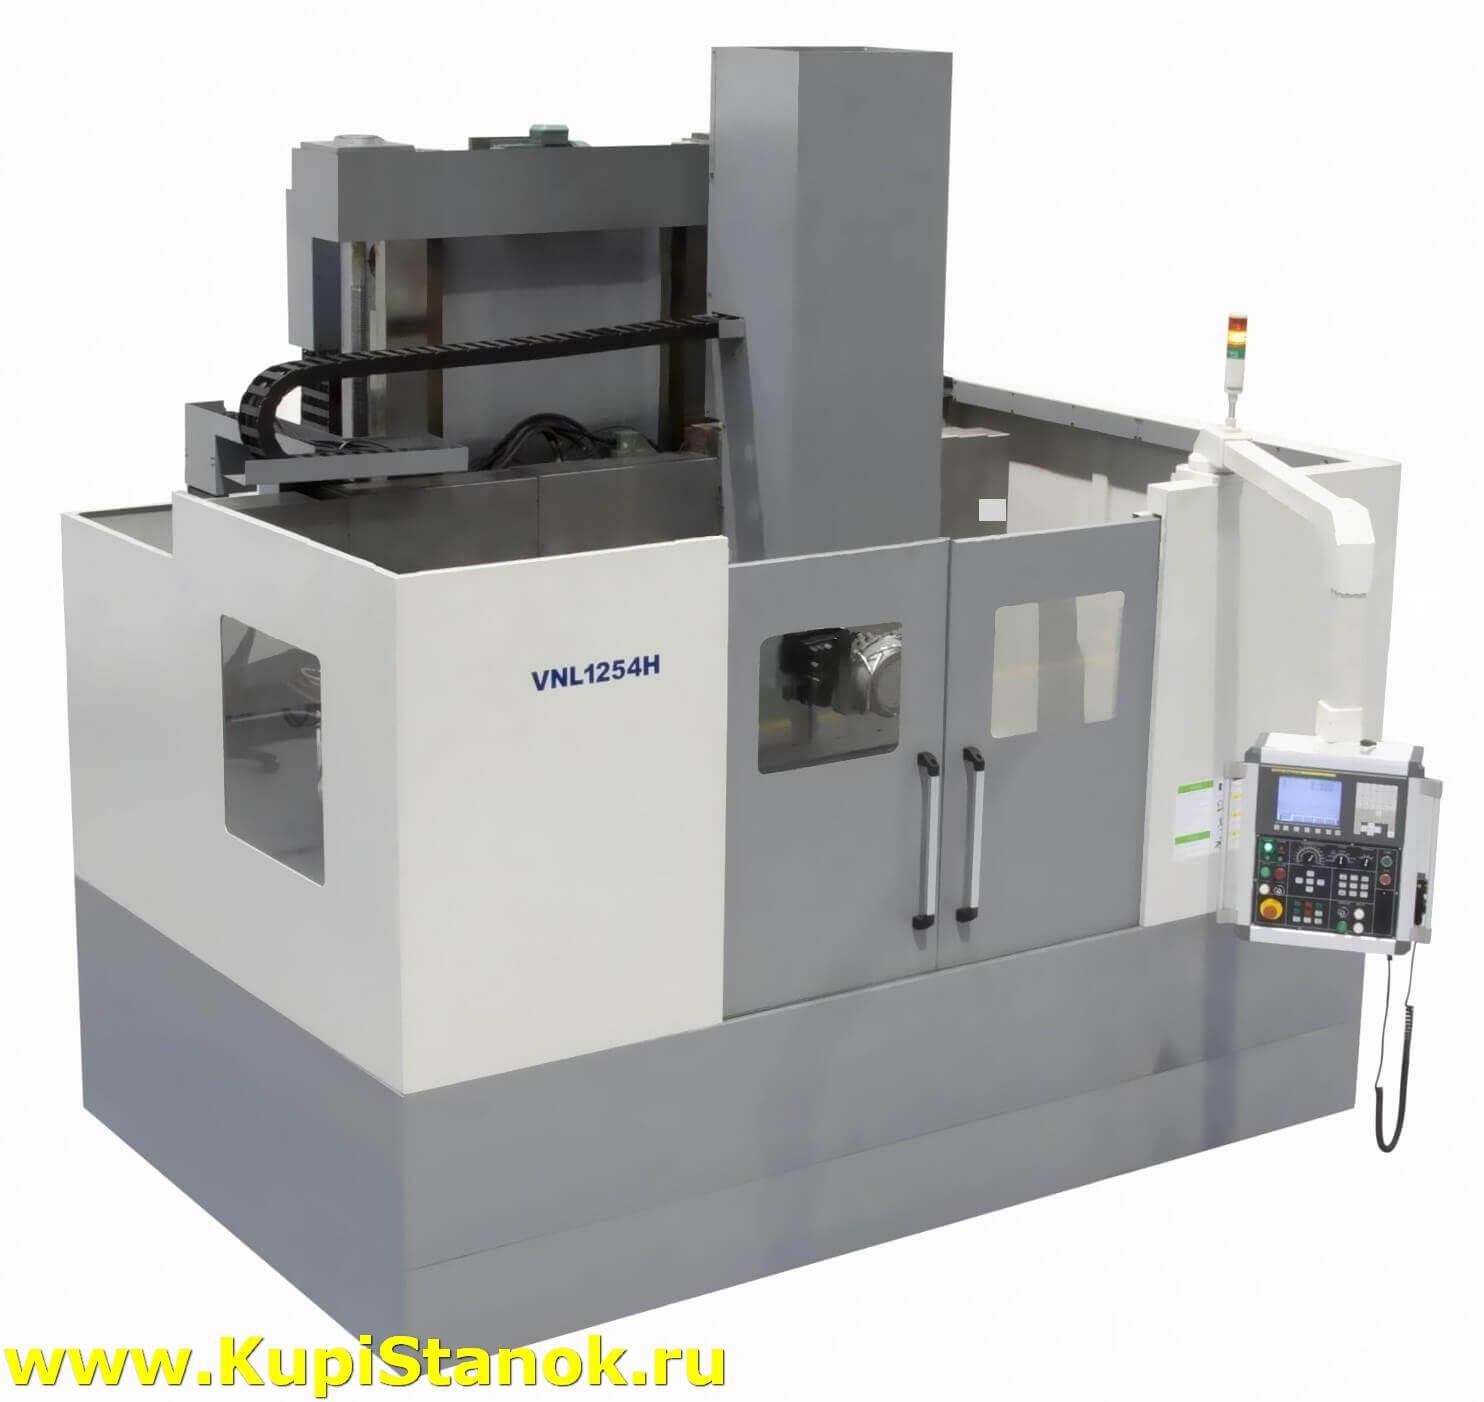 VNL3506H